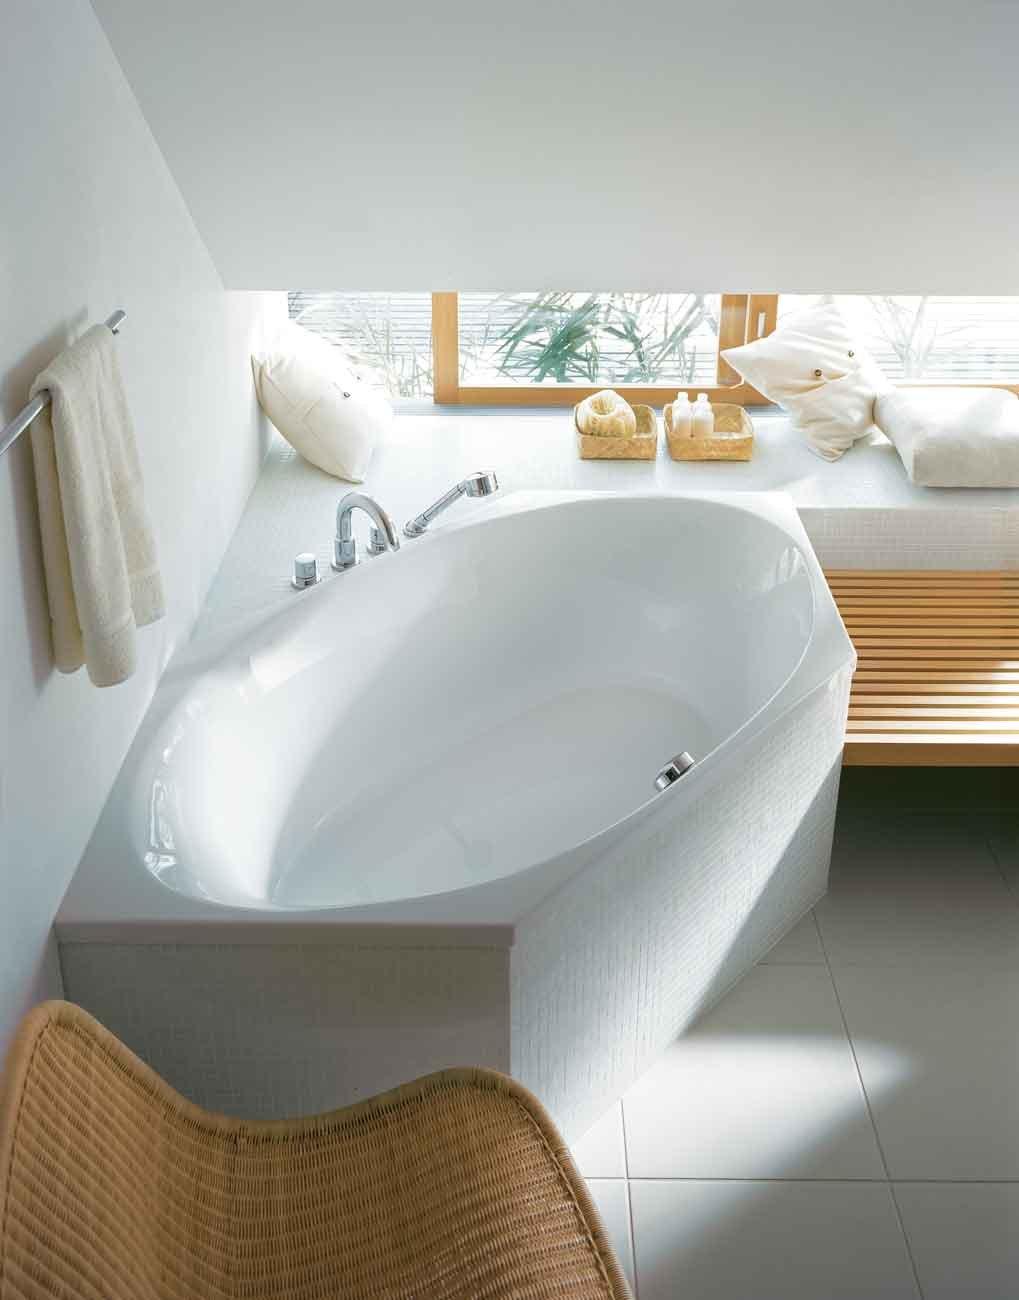 Vasche per ogni esigenza di spazio cose di casa - Vasche da bagno a incasso ...